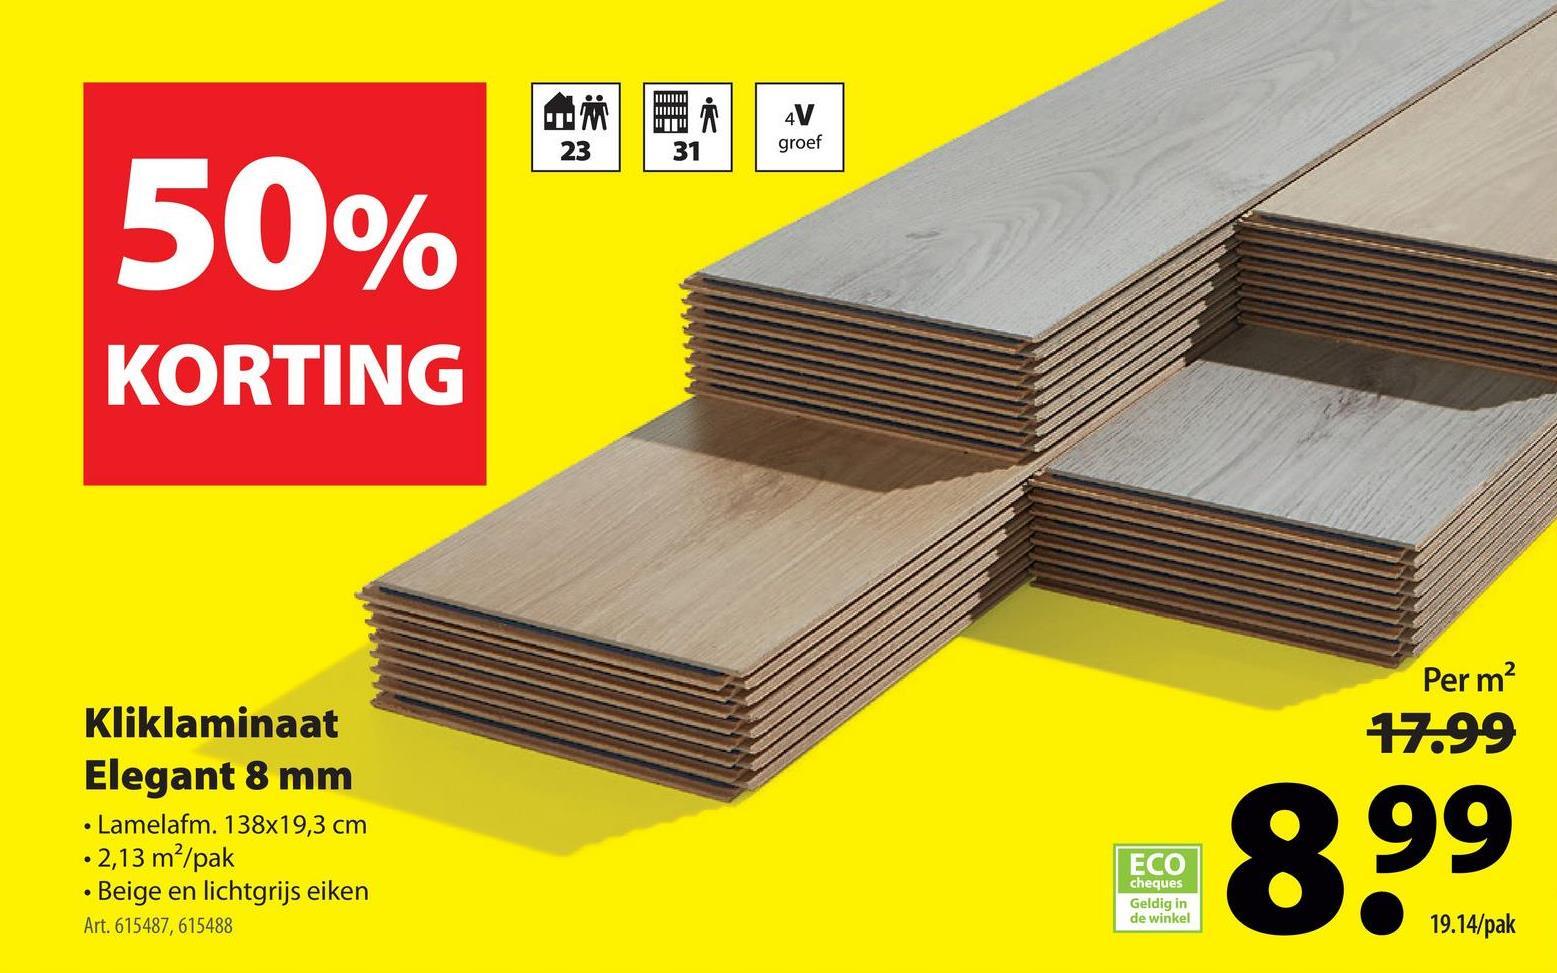 Laminaat Elegant 8mm 4V-groef eiken beige 2,13m² Het Laminaat Elegant in de kleur beige eik is een elegante clickvloer met een voelbare houtstructuur, een originele houtlook en een matte toplaag. Je kan deze antislip vloer razendsnel zwevend leggen in droge ruimtes, zoals je woonkamer en je slaapkamer. Naast de makkelijke installatie staat deze laminaat uit HDF ook bekend voor zijn voelbare houtstructuur en 4V-groef. Ideaal voor wie van parket droomt, maar liever betaalbaar laminaat in huis haalt!